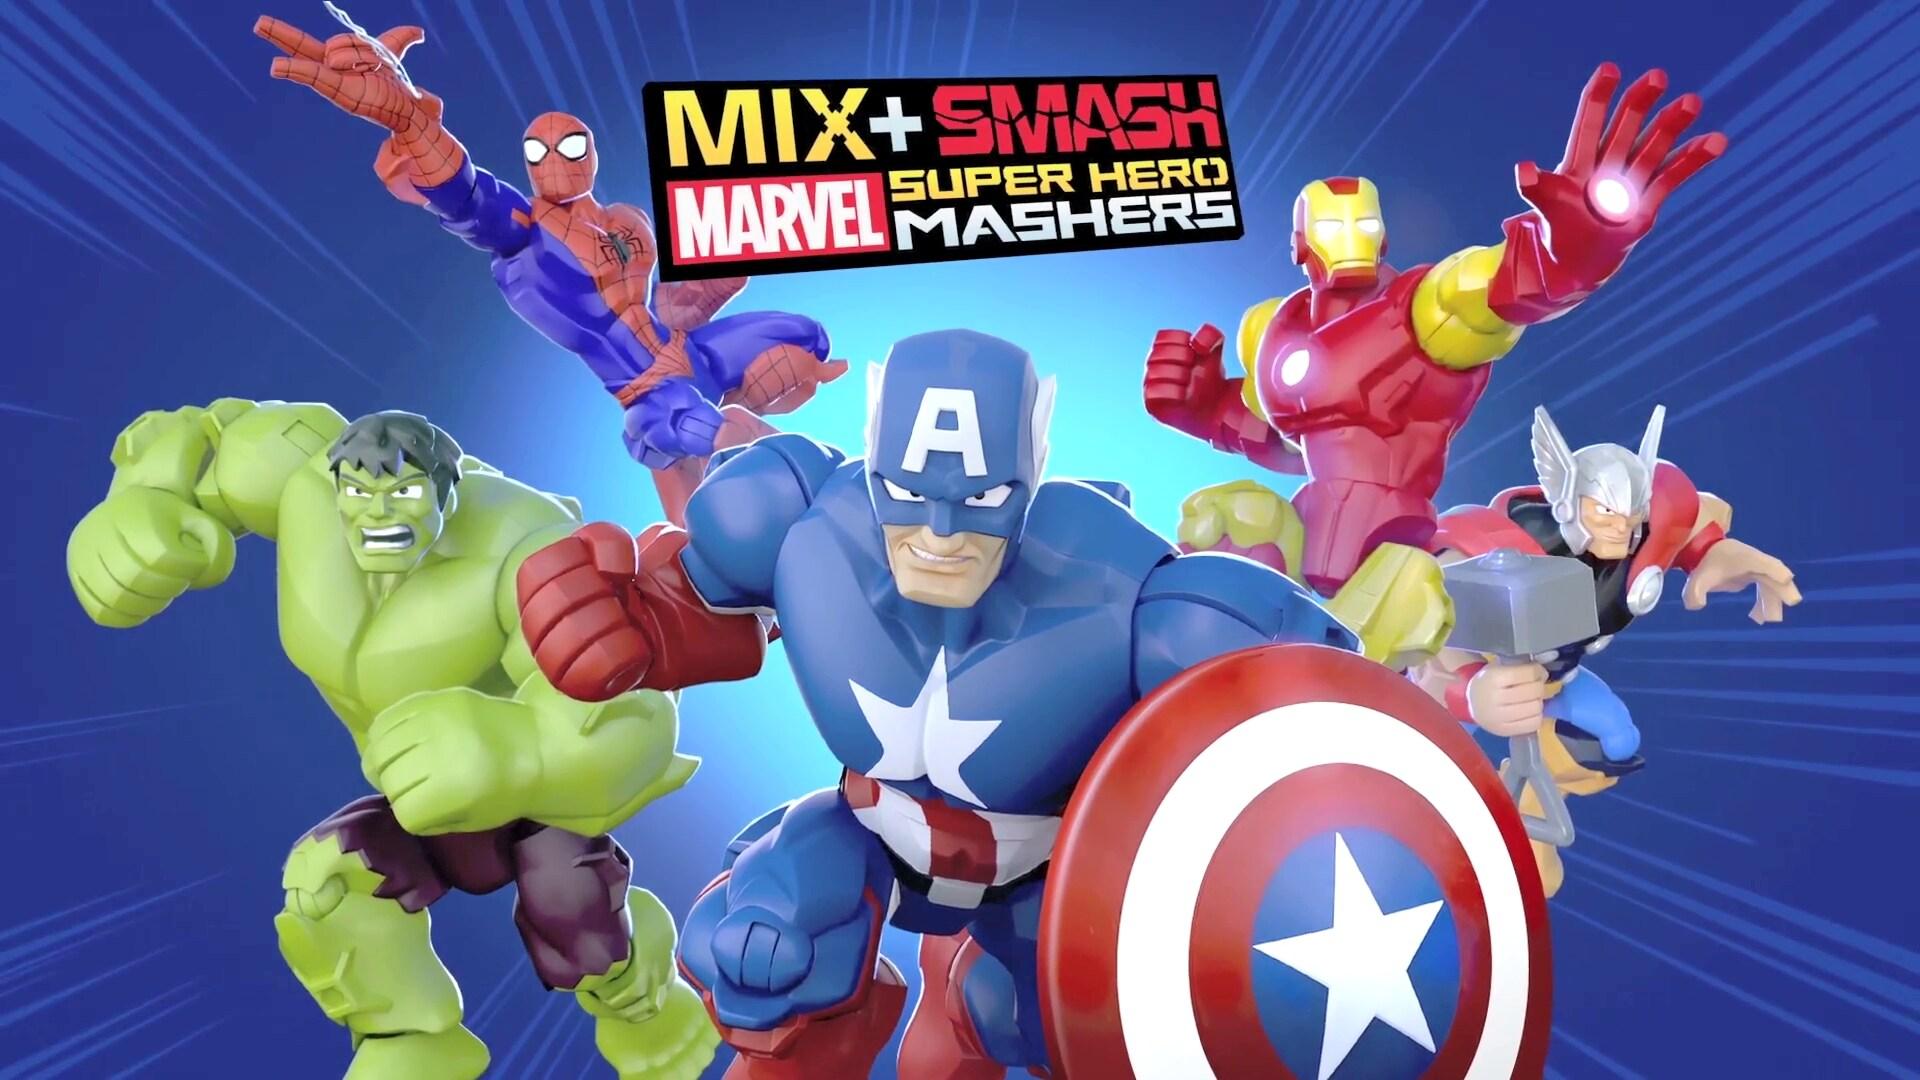 Mix + Smash: Marvel Super Hero Mashers App!